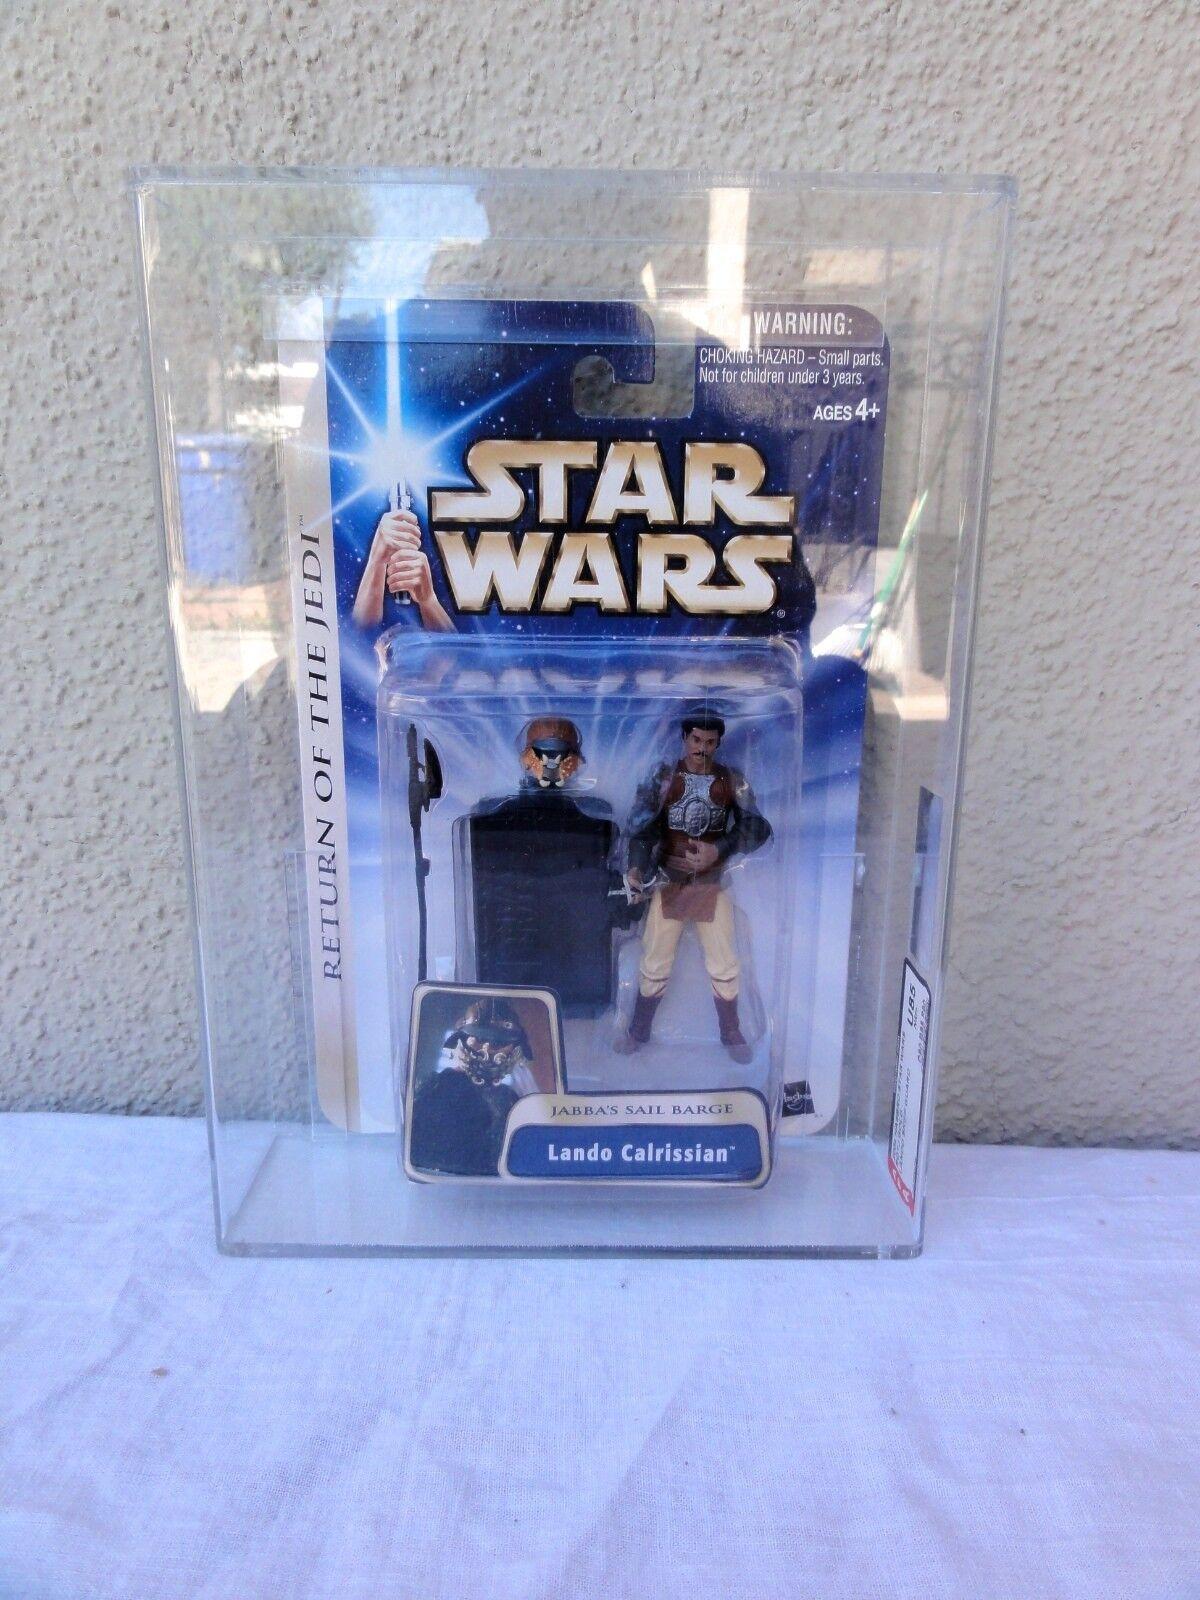 Star Wars 2004 Star Wars ROTJ Gold Lando Skiff Guard AFA Sealed MIB BOX